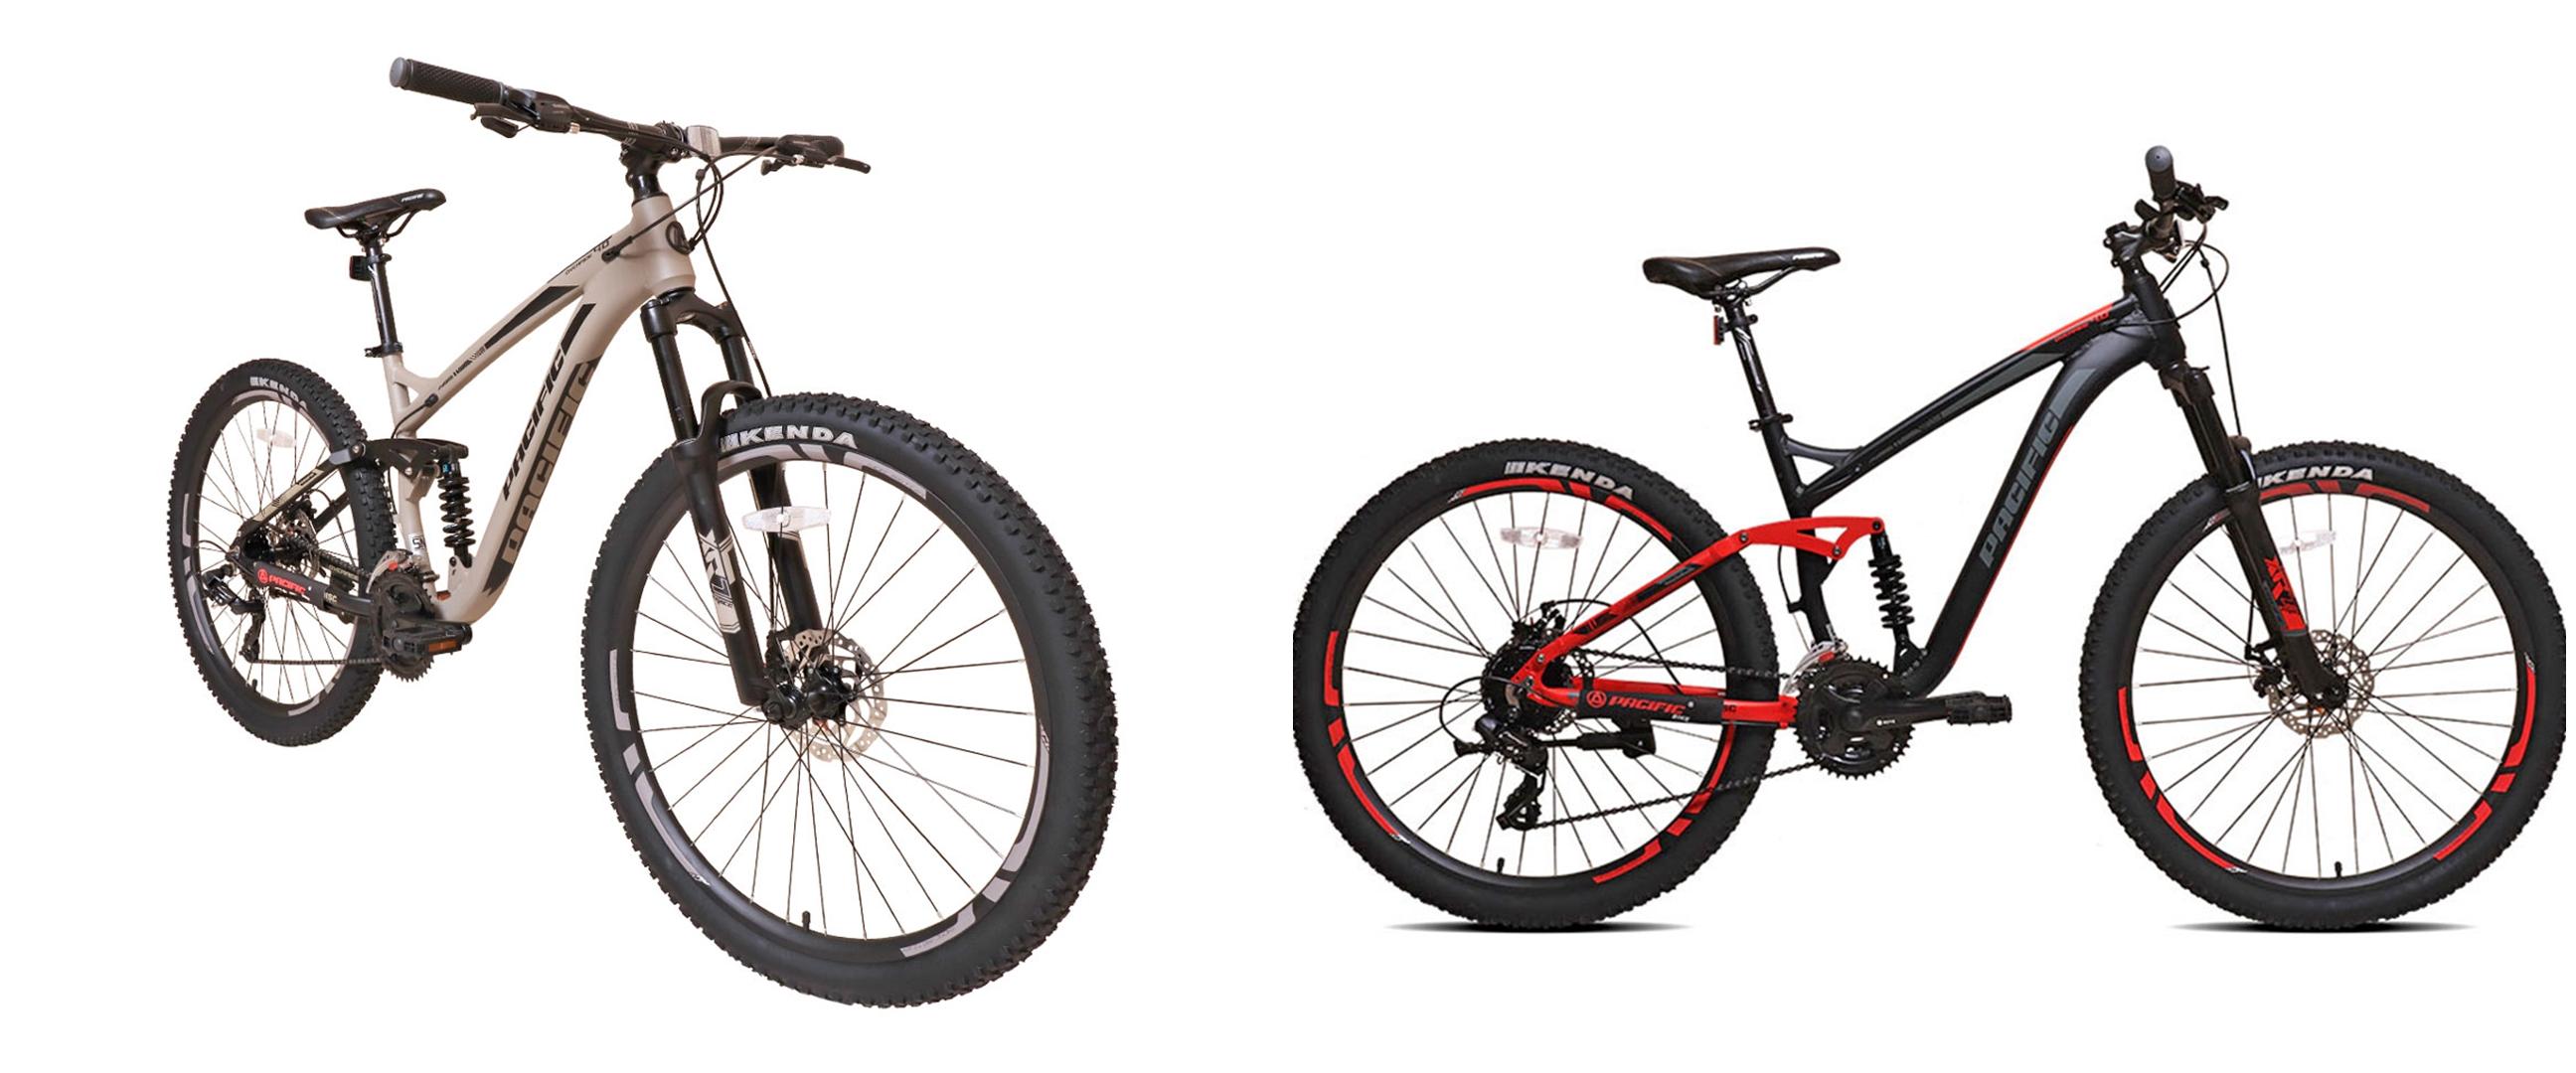 Harga sepeda Pacific Override dan spesifikasi, nyaman dan keren